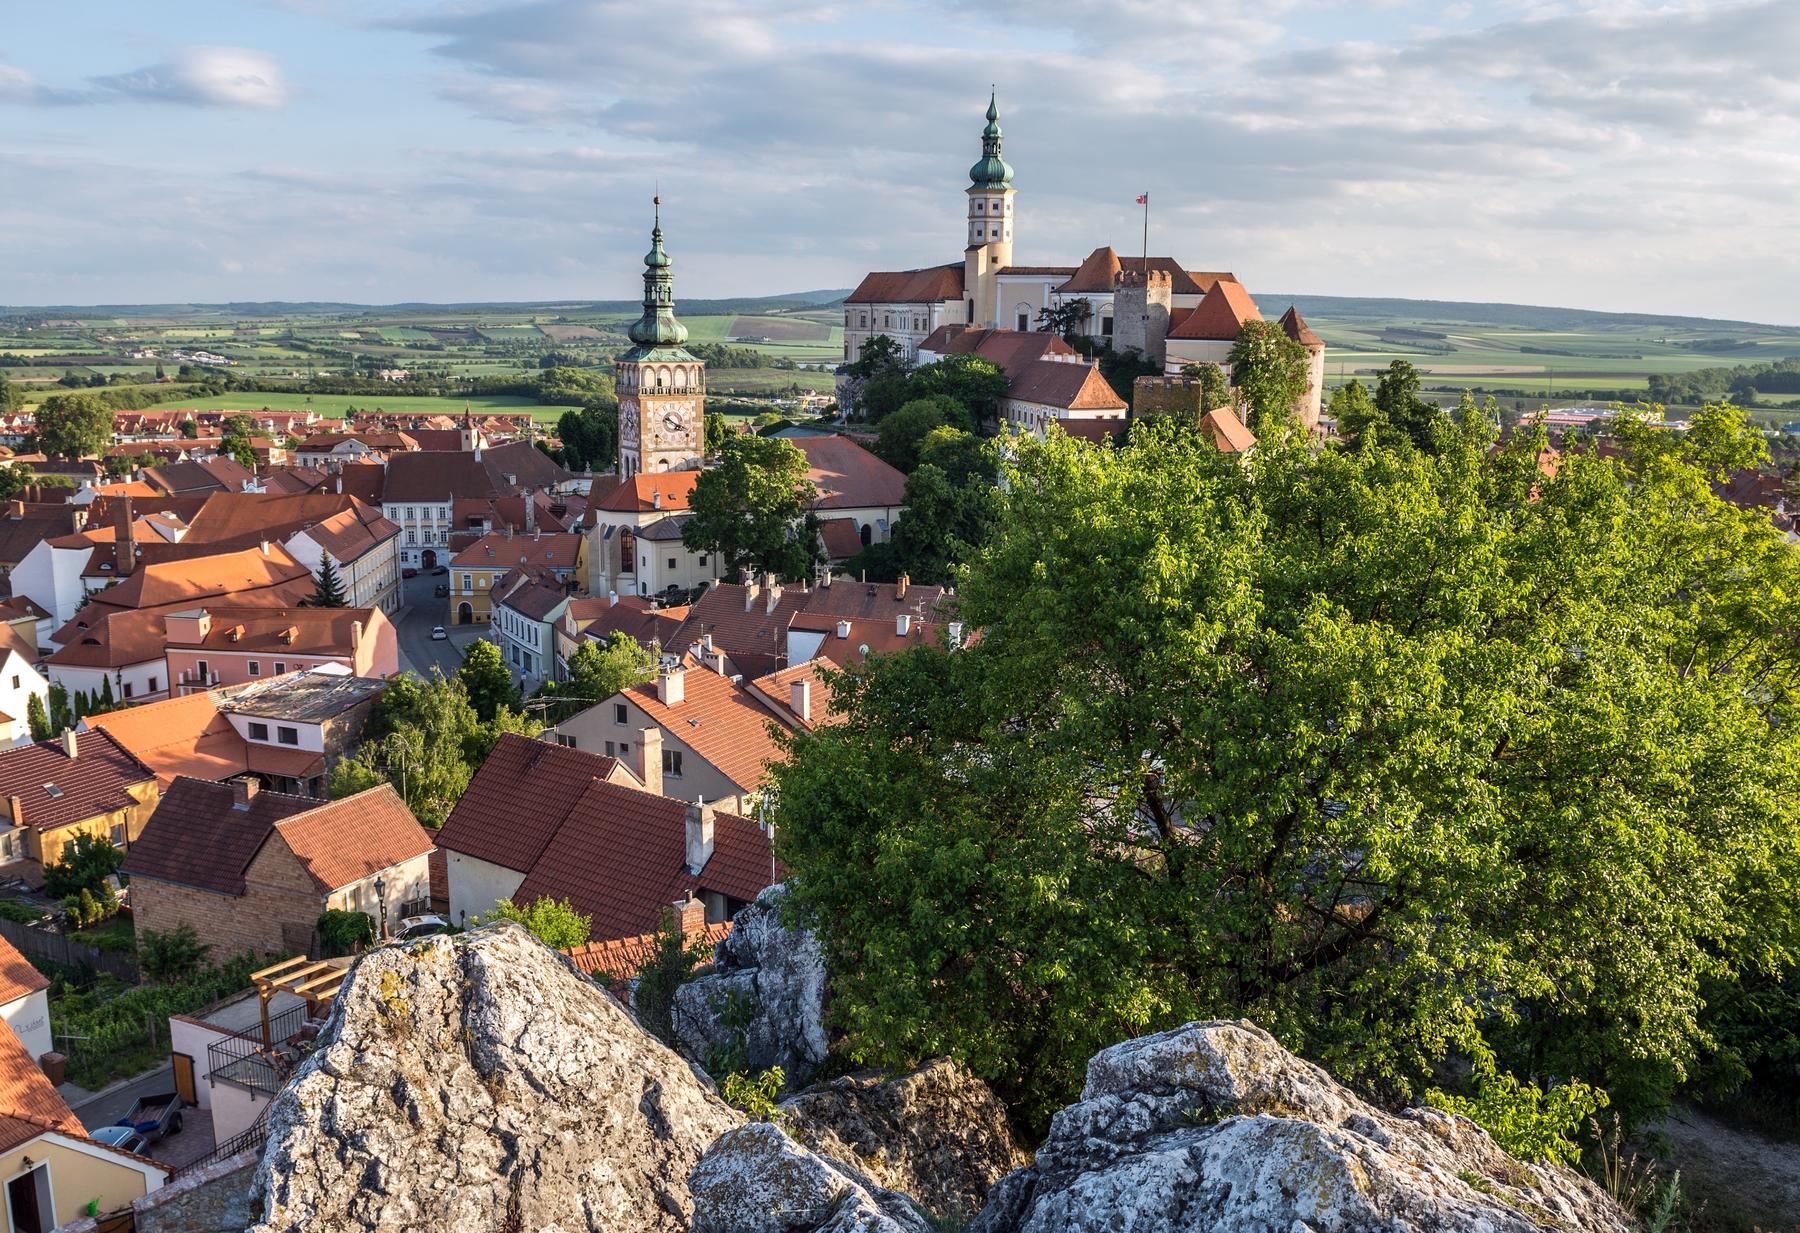 Самые неожиданные направления для путешествий: найти билеты в Лихтенштейн